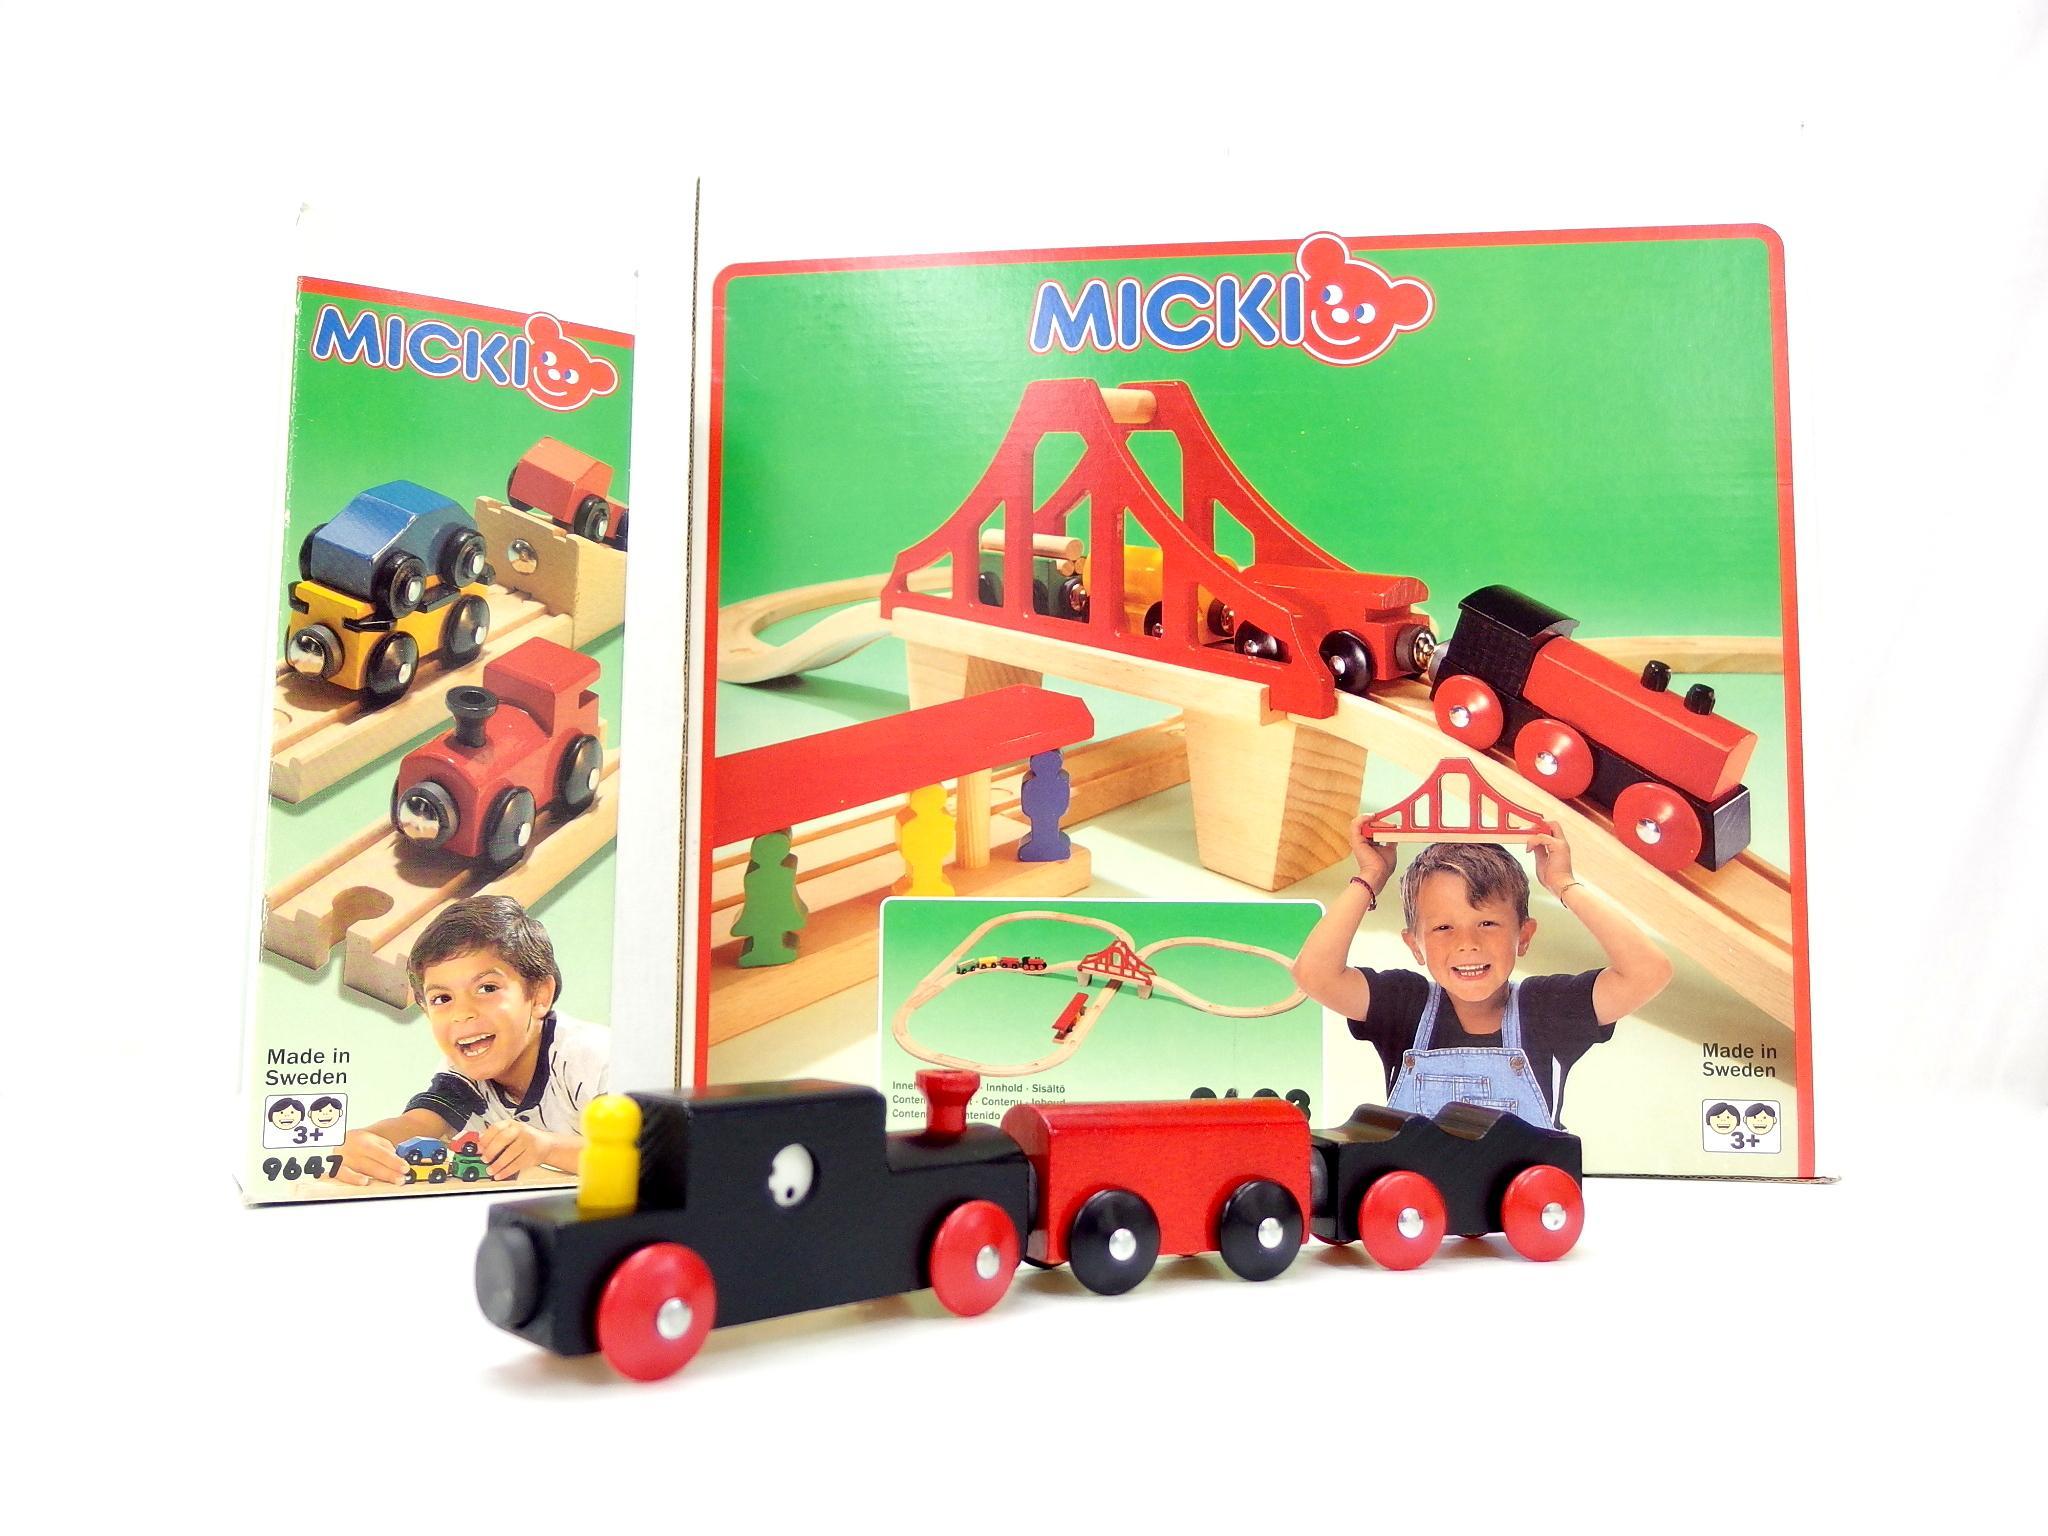 ミッキー社 レールシリーズ スウェーデン製 木のおもちゃ